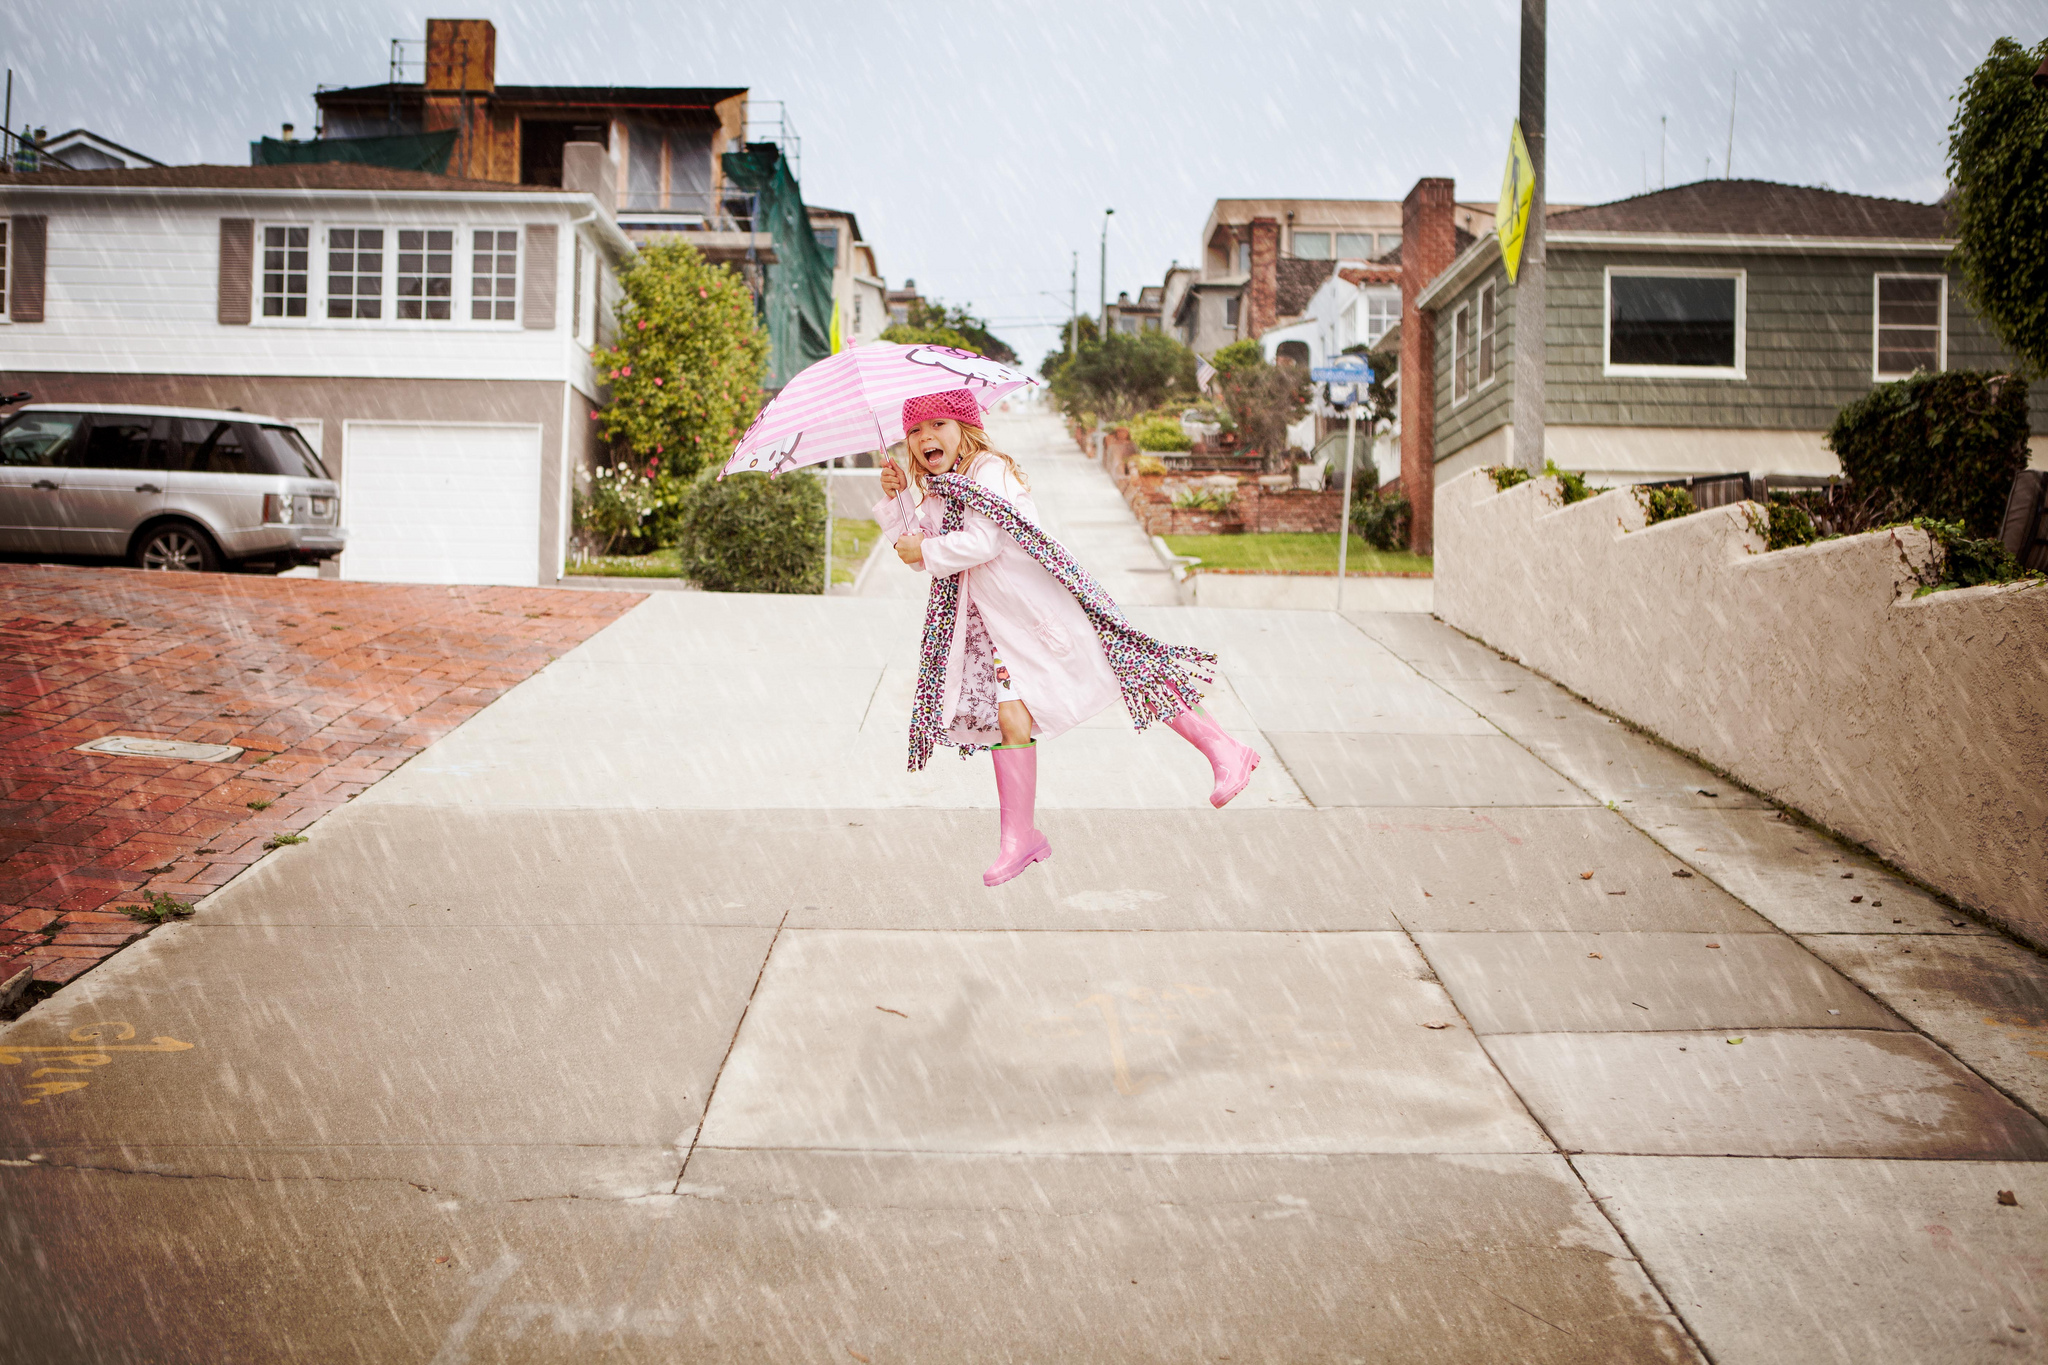 【三月雨季預/警報】搶救自己的雨天解悶提案